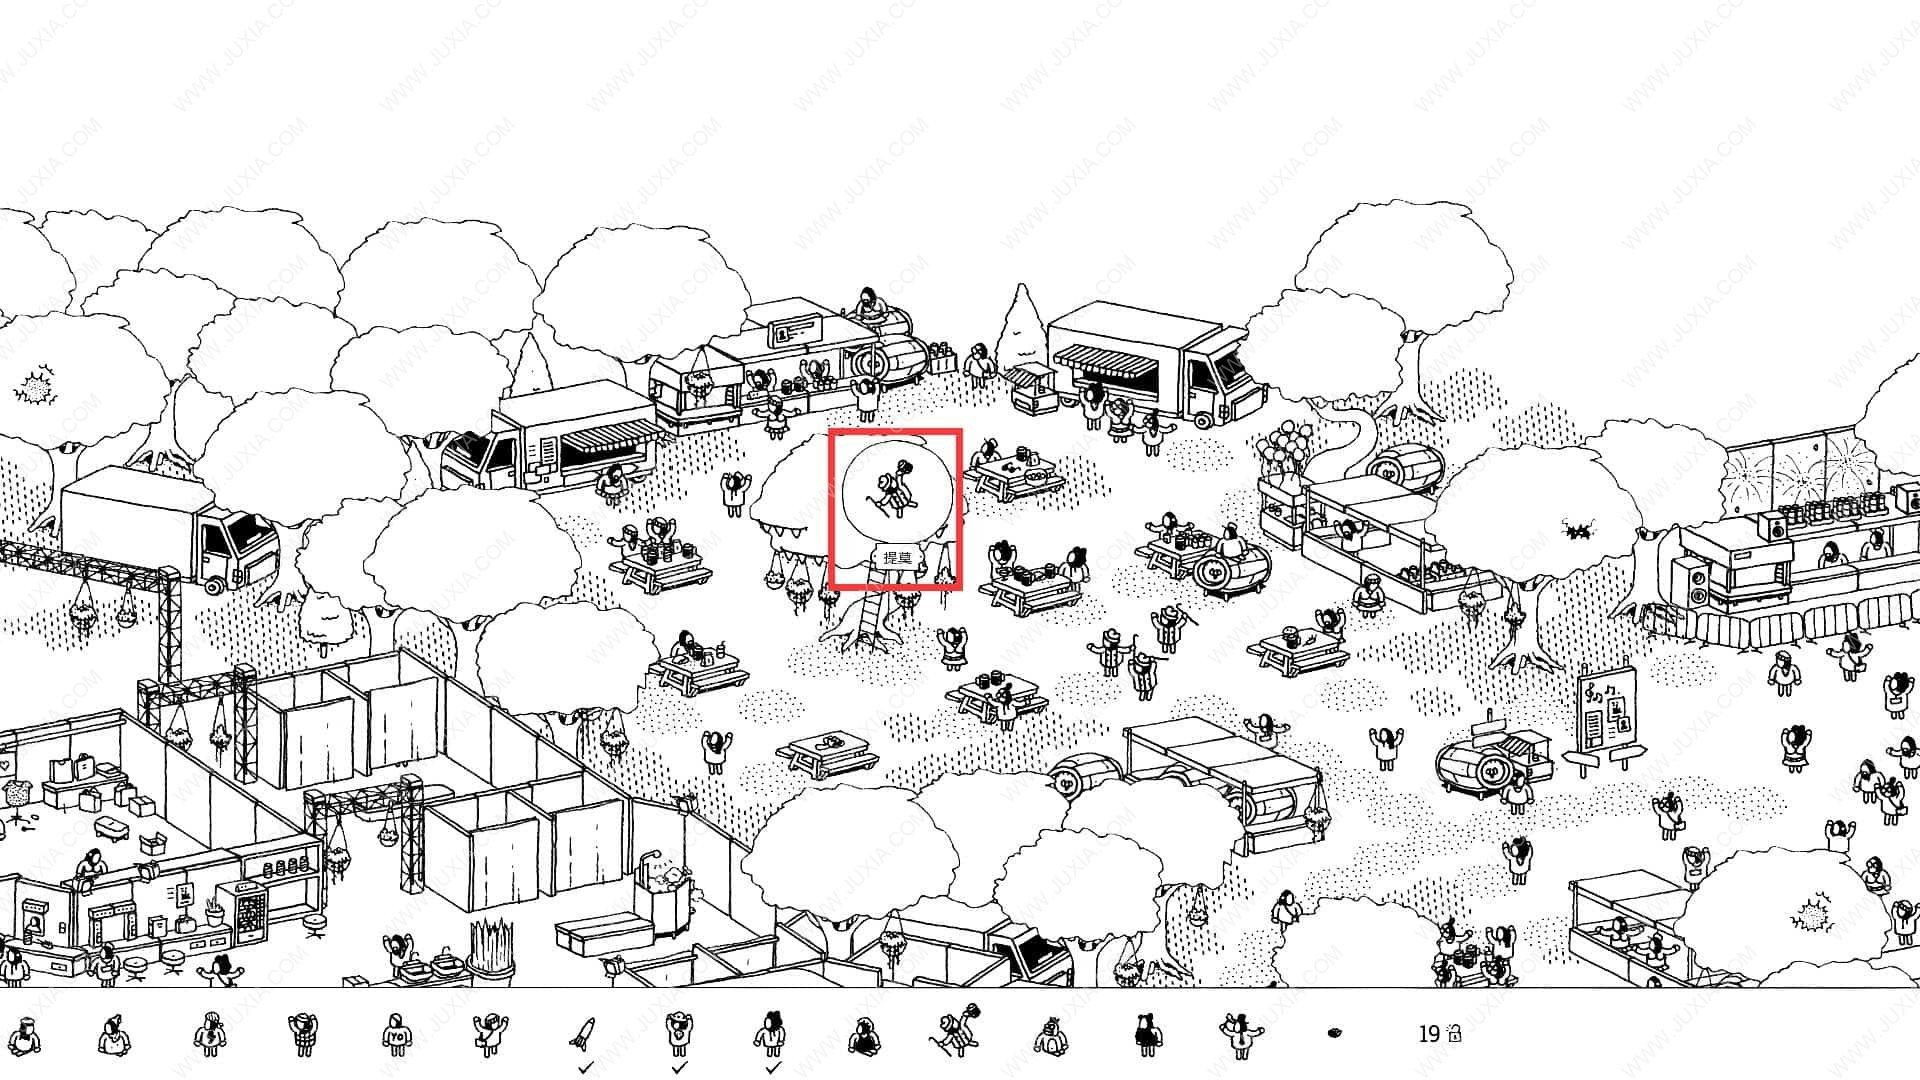 隐藏的家伙攻略巡回演出第5关 HiddenFolks图文攻略巡回演出第五关